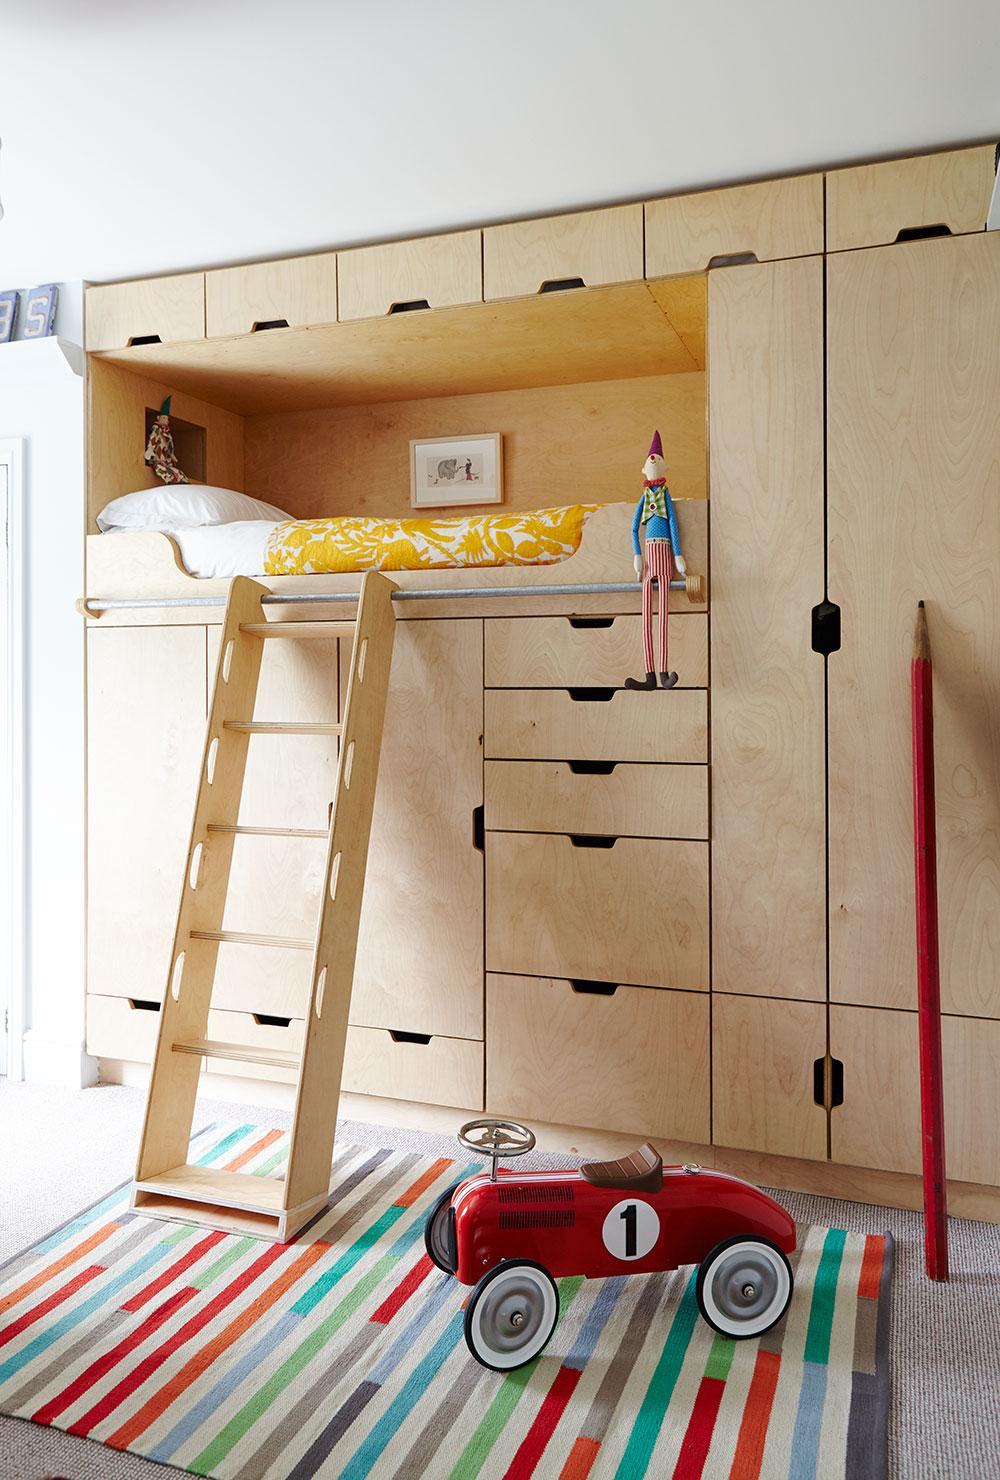 Caerau_Narbeth__bedrooms_227.jpg